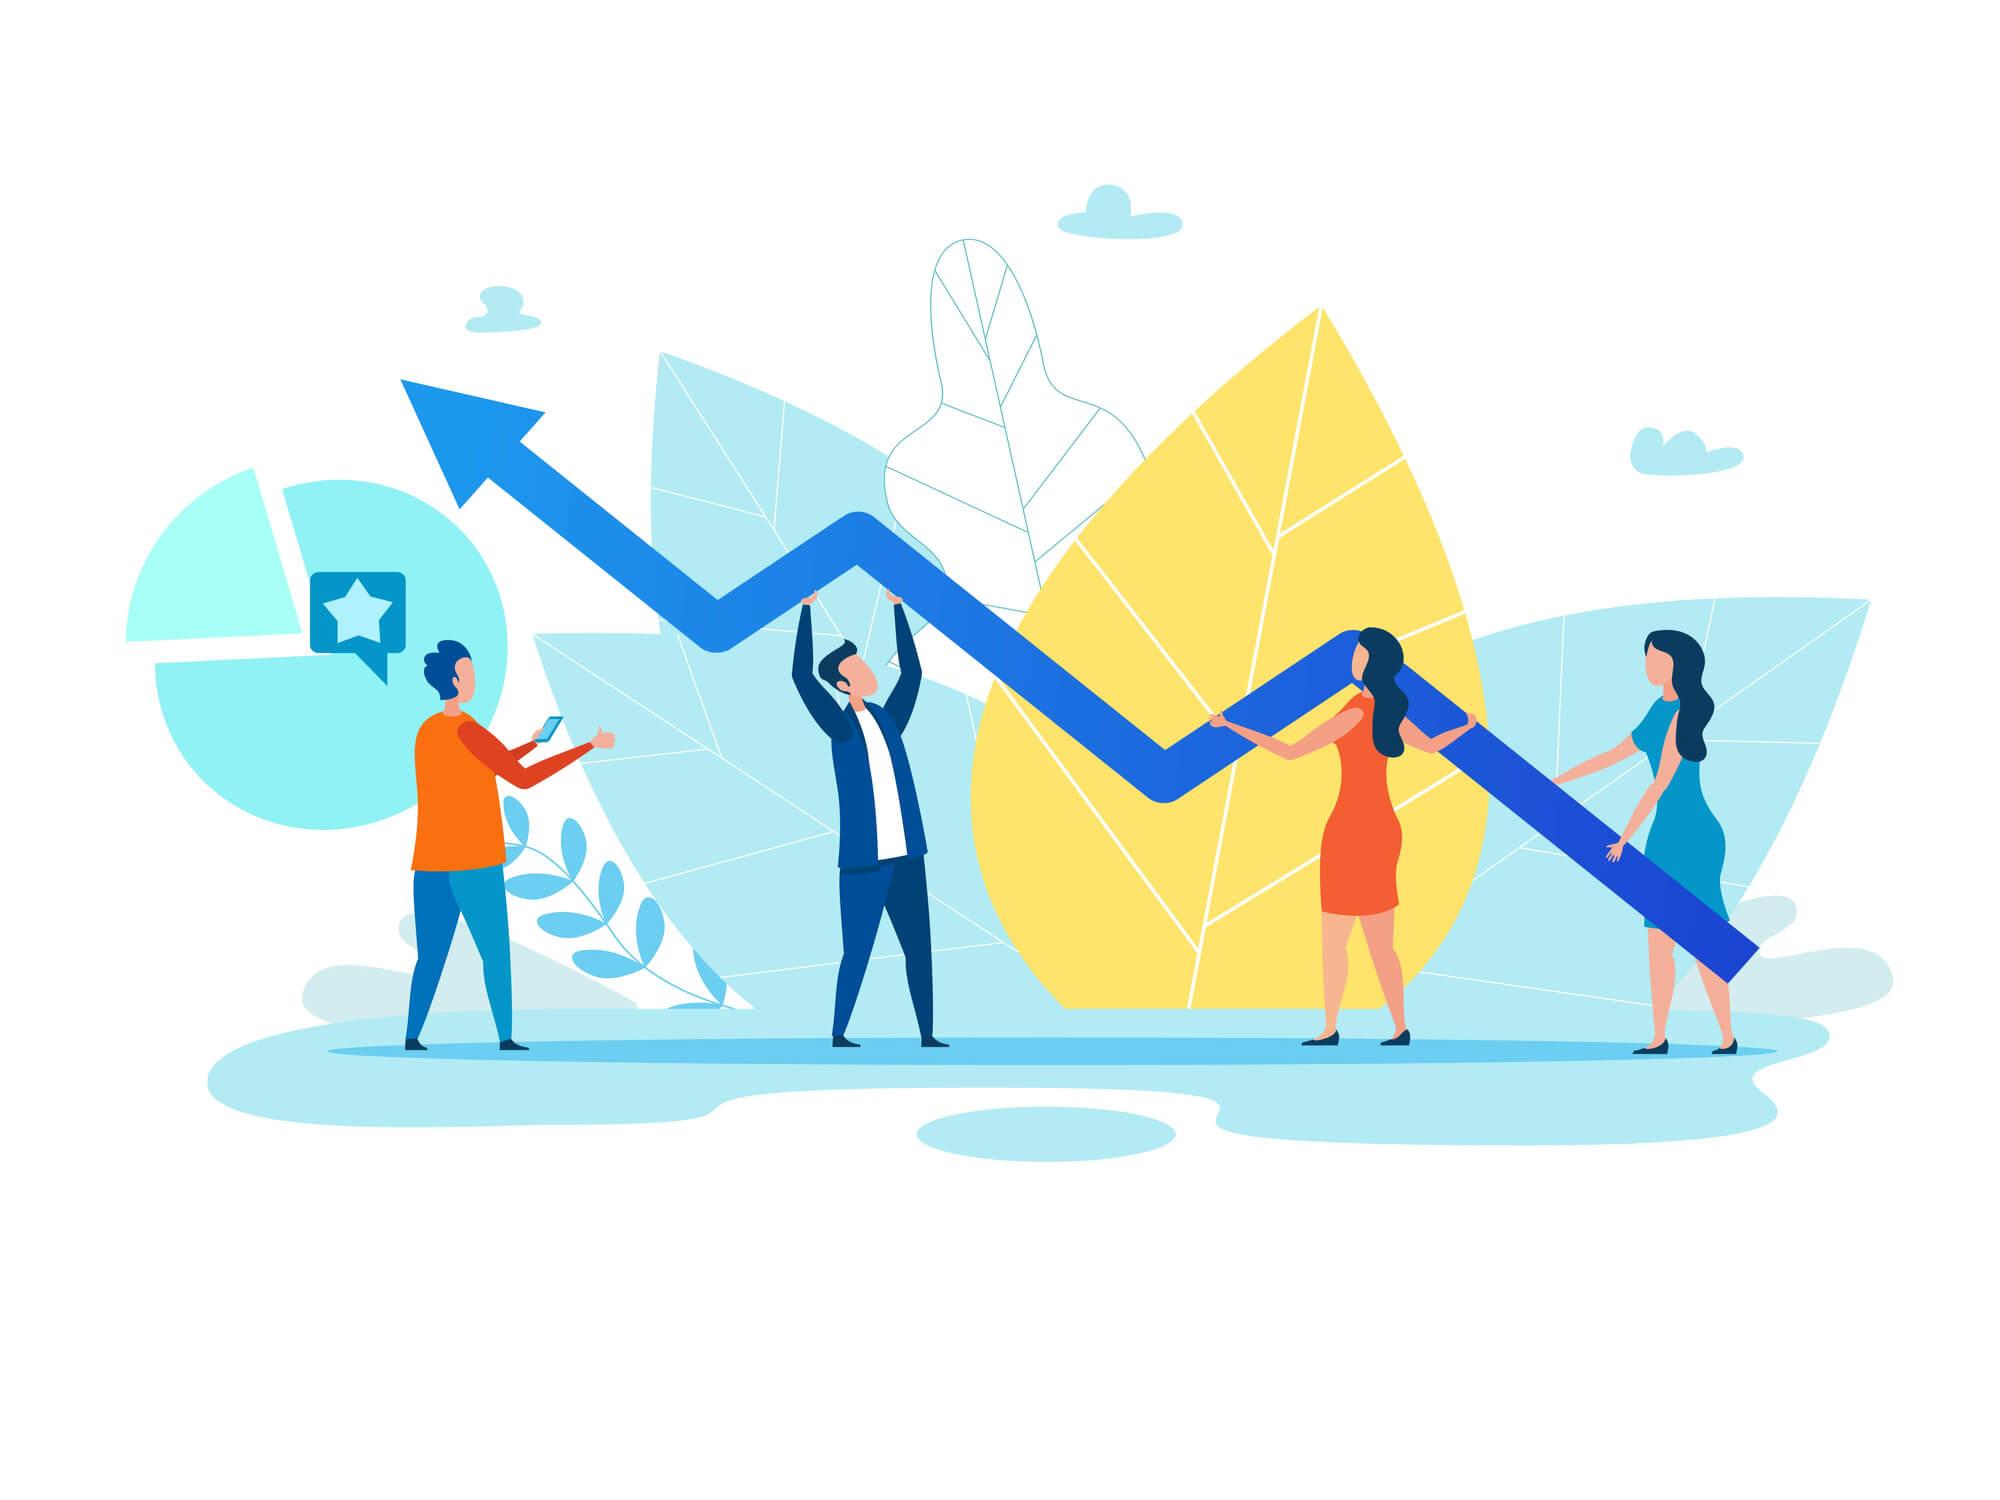 Illustration eines ansteigenden Graphs der Marketing Ziele darstellt